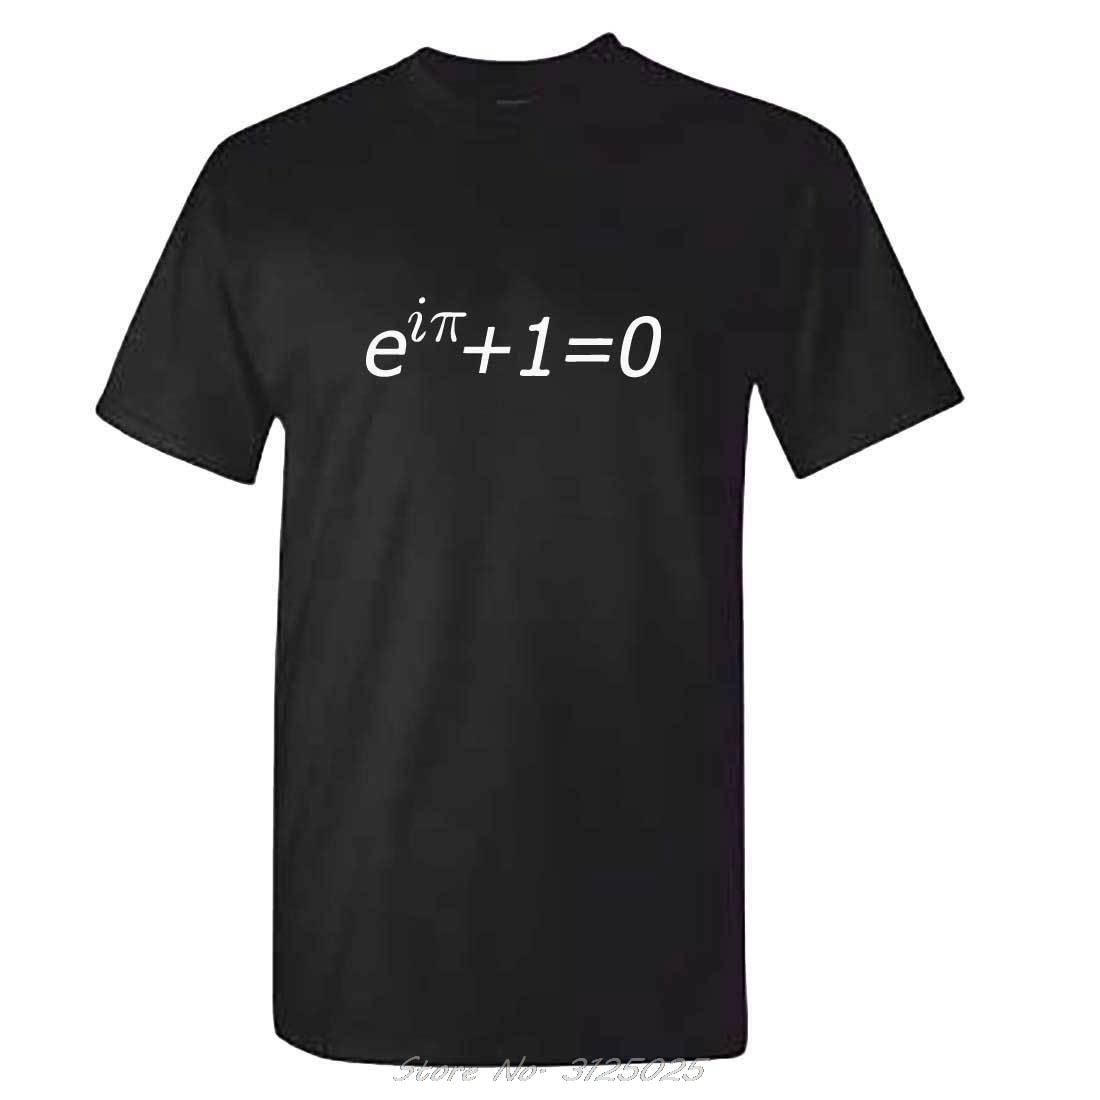 Unisexe Euler's identité équation T-Shirt-Science Maths physique T-Shirt - Eulers Cool décontracté fierté T-Shirt hommes unisexe mode